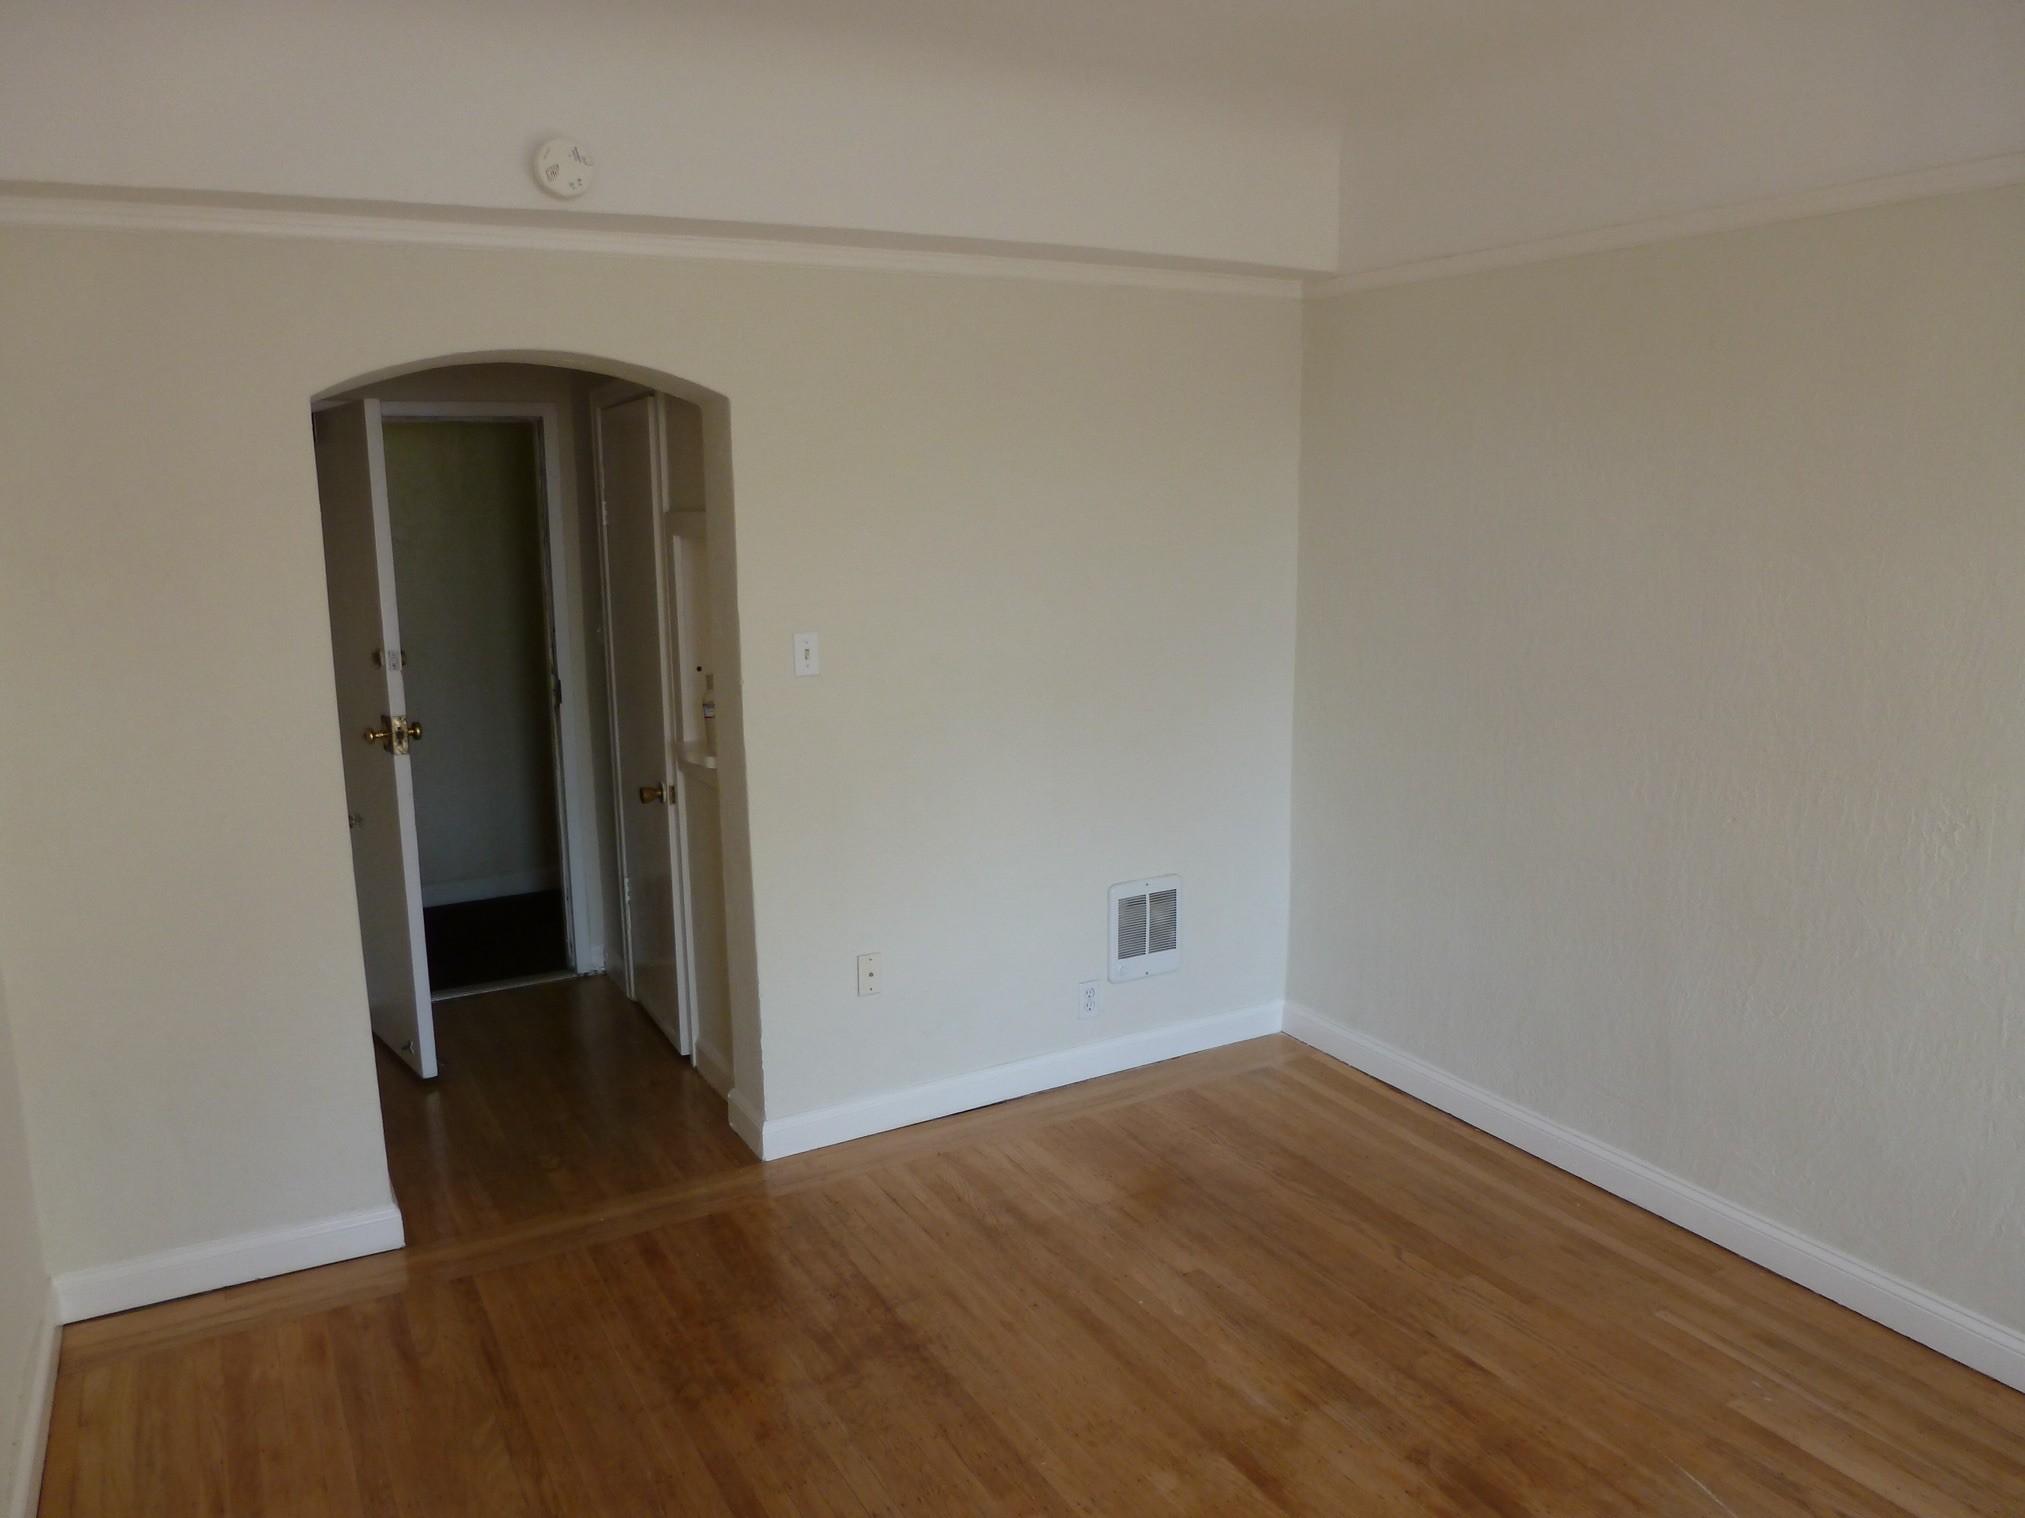 California Apartments For Rent Craigslist